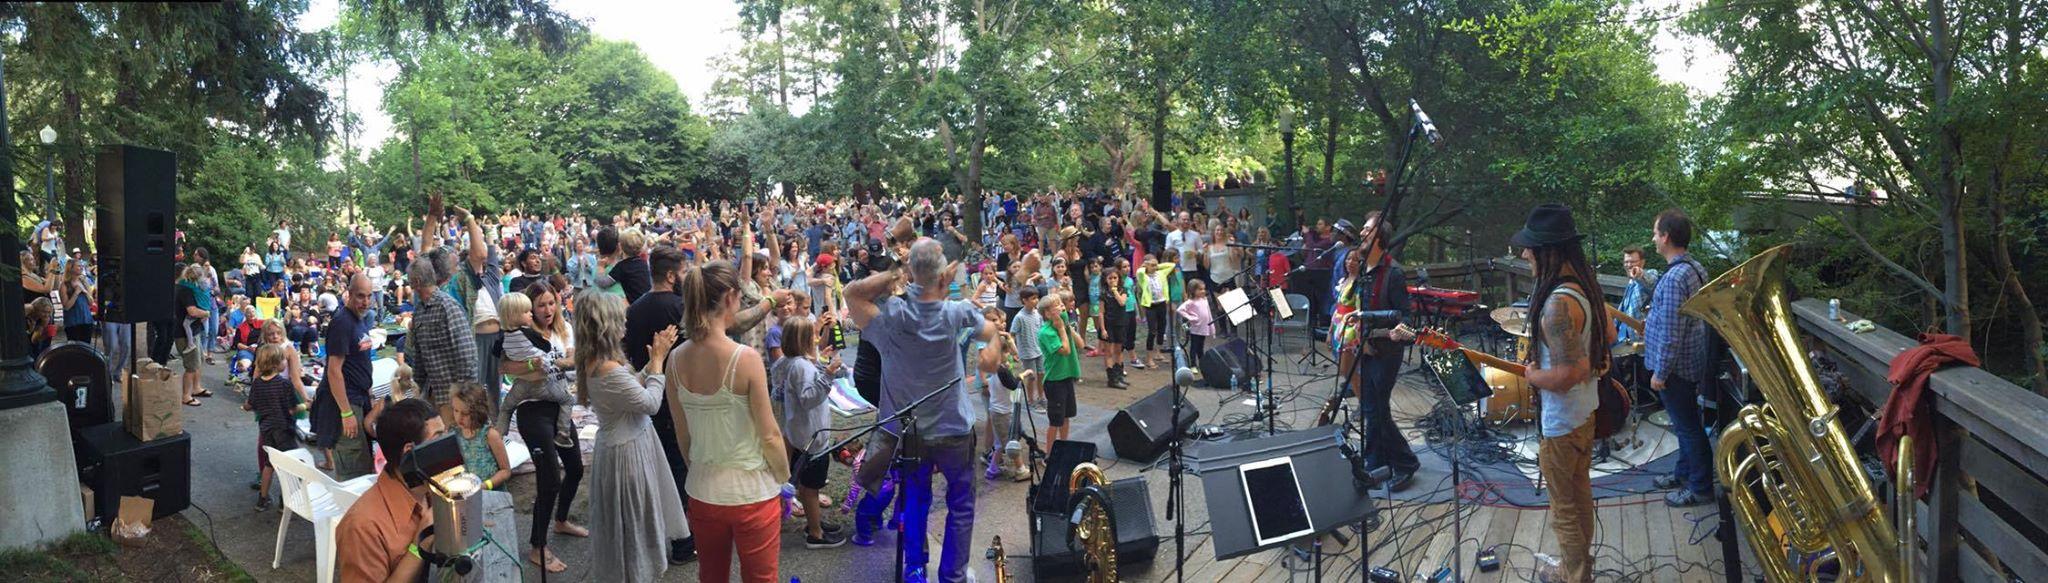 Music+in+the+park.jpg